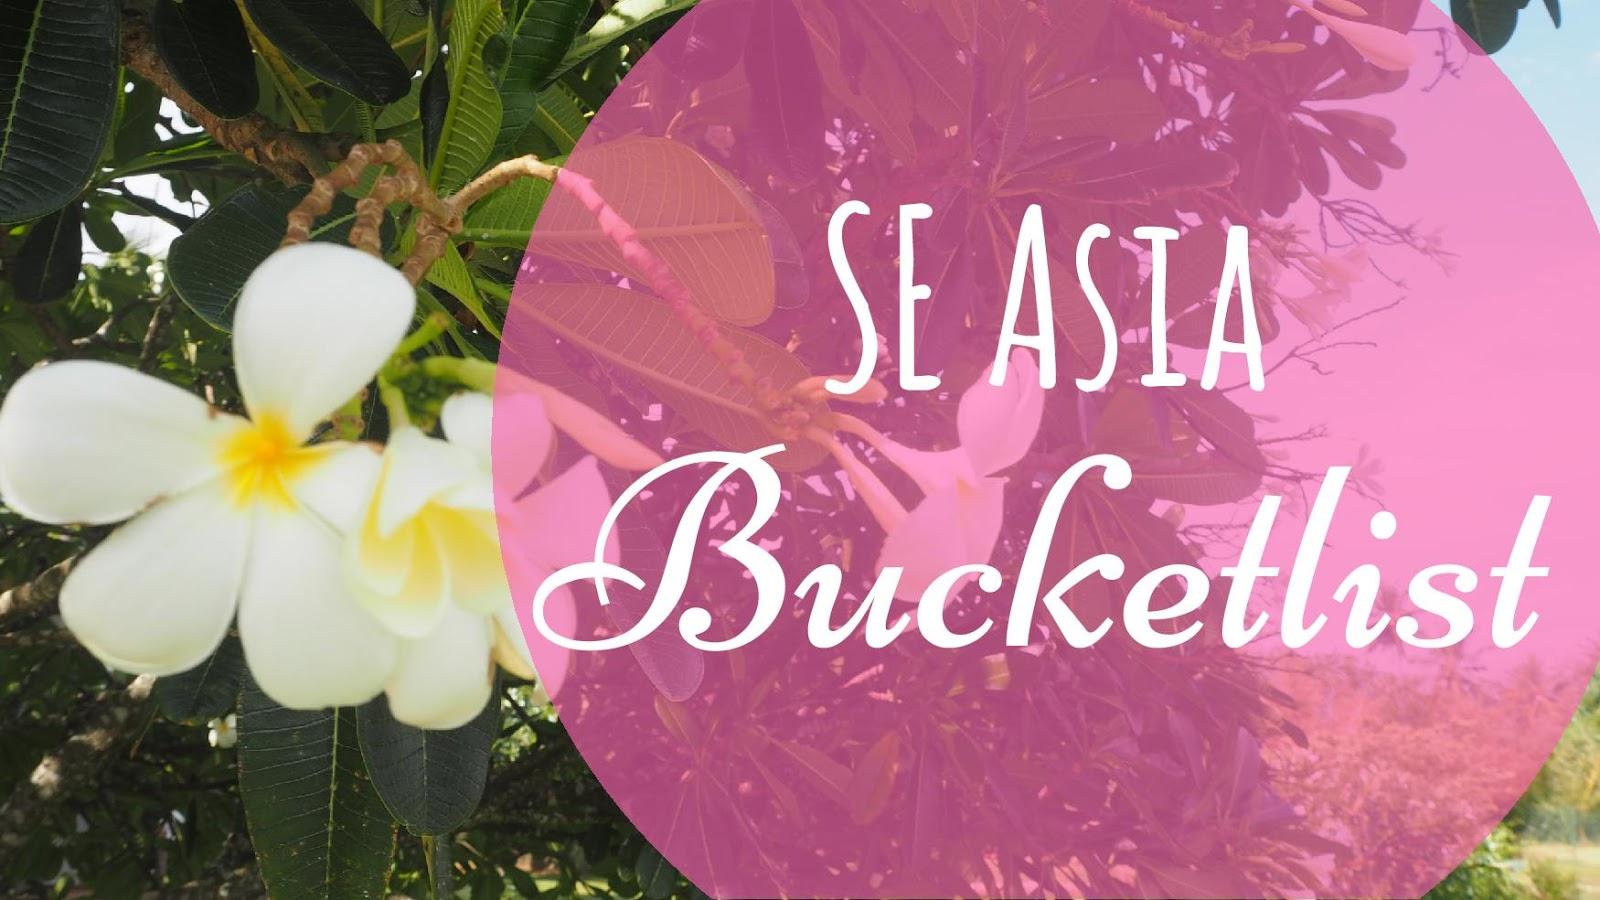 SE Asia bucket list